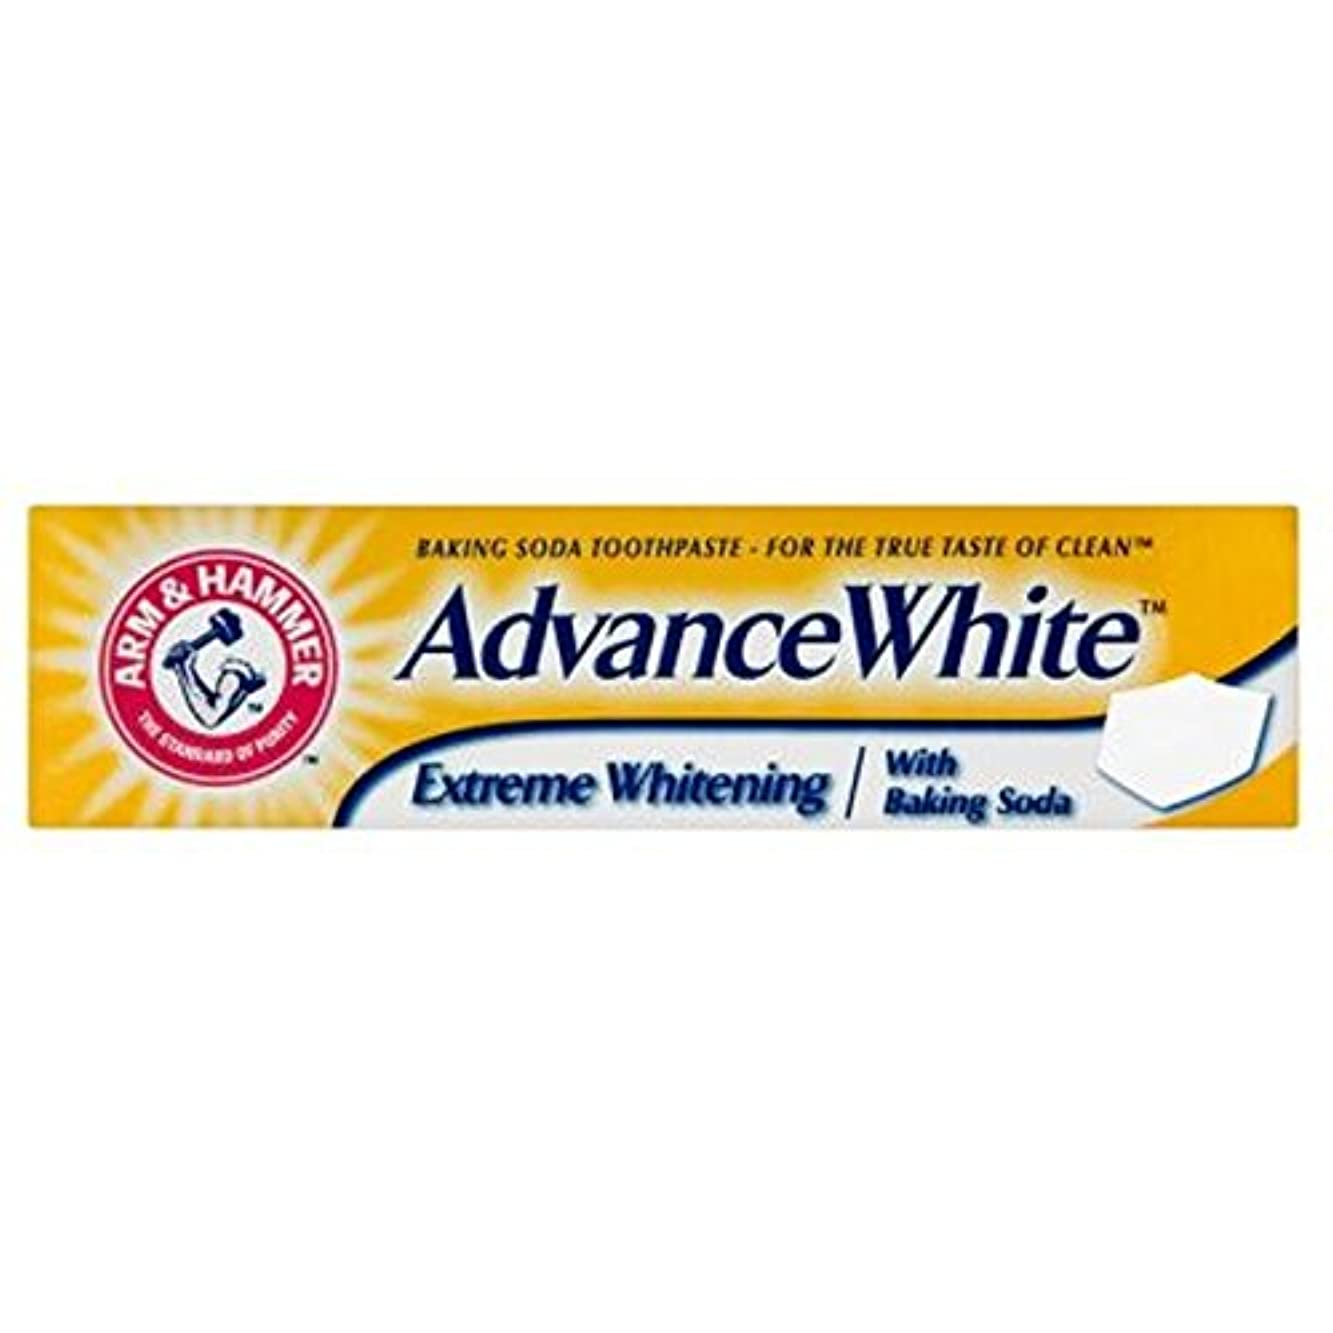 宇宙の貪欲奨学金Arm & Hammer Advance White Extreme Whitening Baking Soda Toothpaste 75ml - 重曹歯磨き粉75ミリリットルをホワイトニングアーム&ハンマー事前白極端...